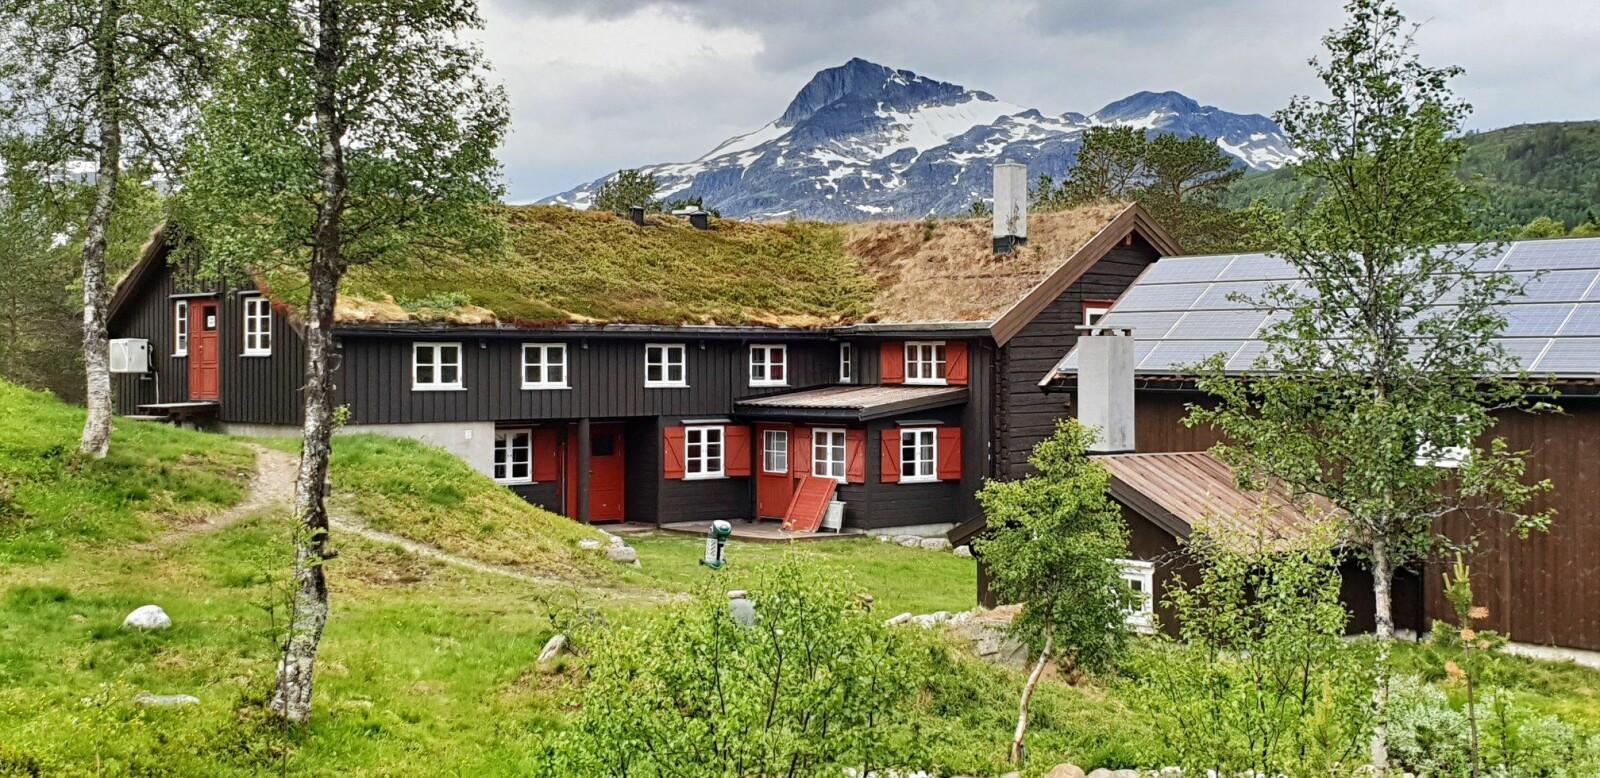 <b>HYTTE:</b> Trollheims-hyttaer betjent i sommer-sesongen og er et godt utgangspunkt for turen til Trollhøtta-traversen.